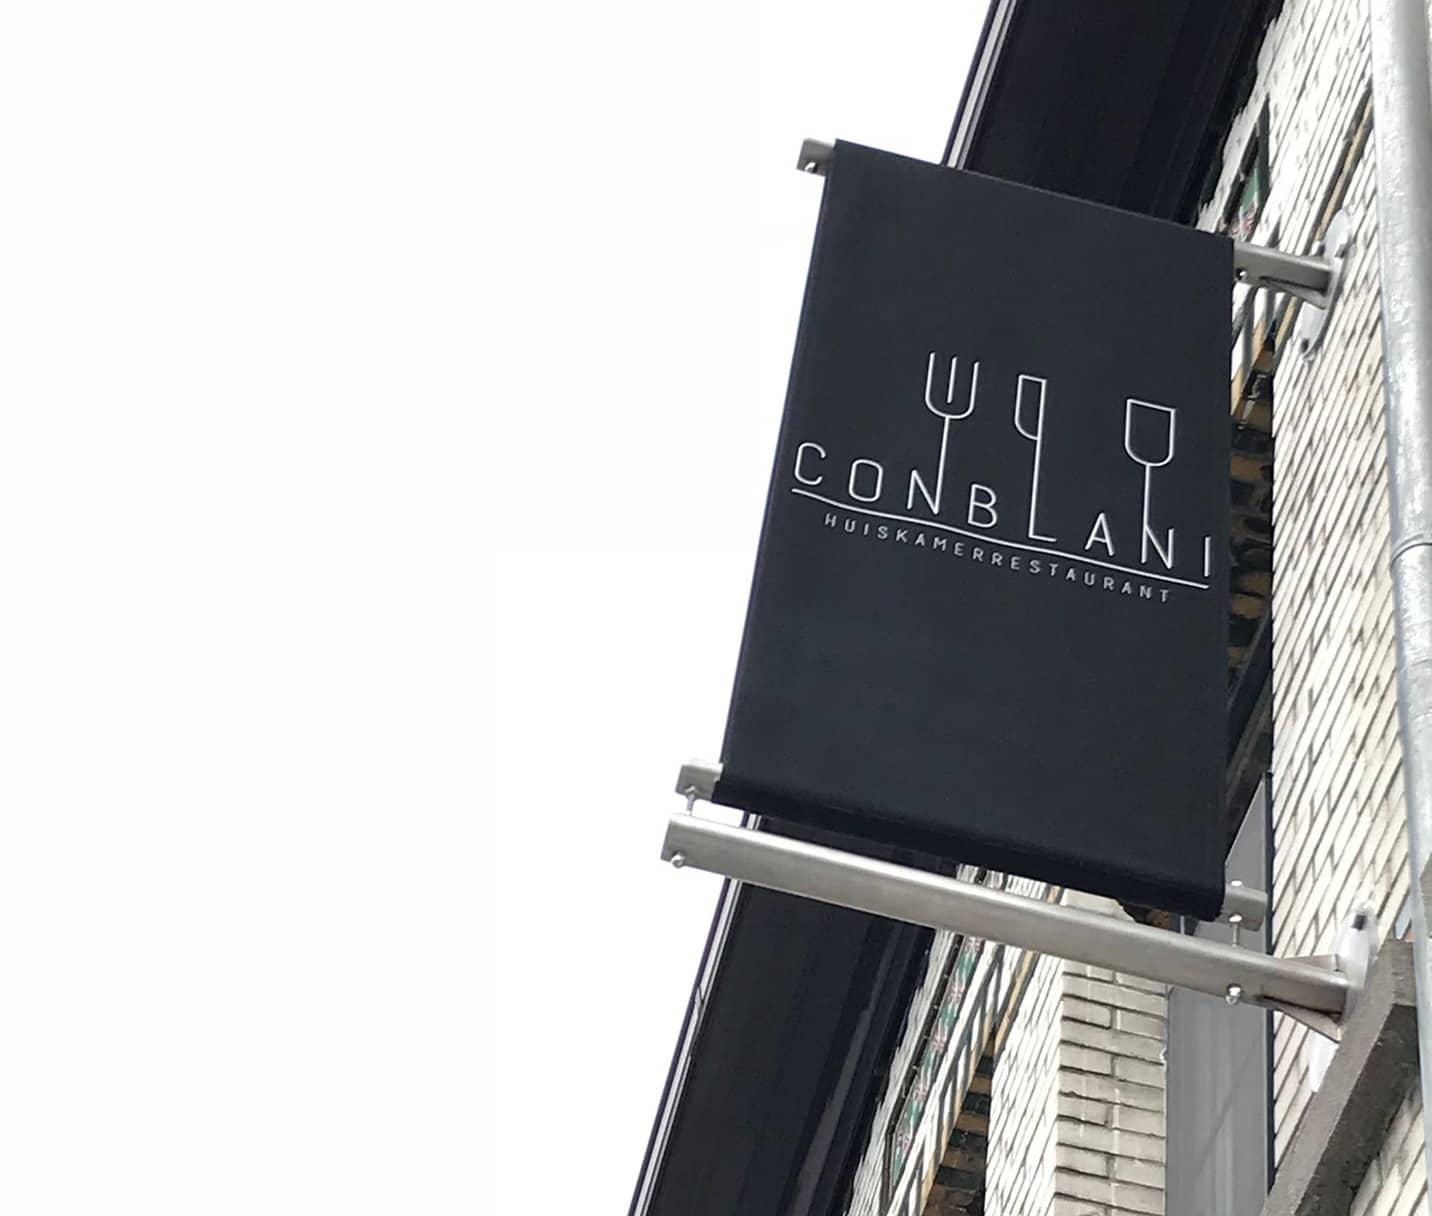 huiskamerrestaurant conblani kreeg van mandarijn een gevelbanner met hun nieuwe logo.